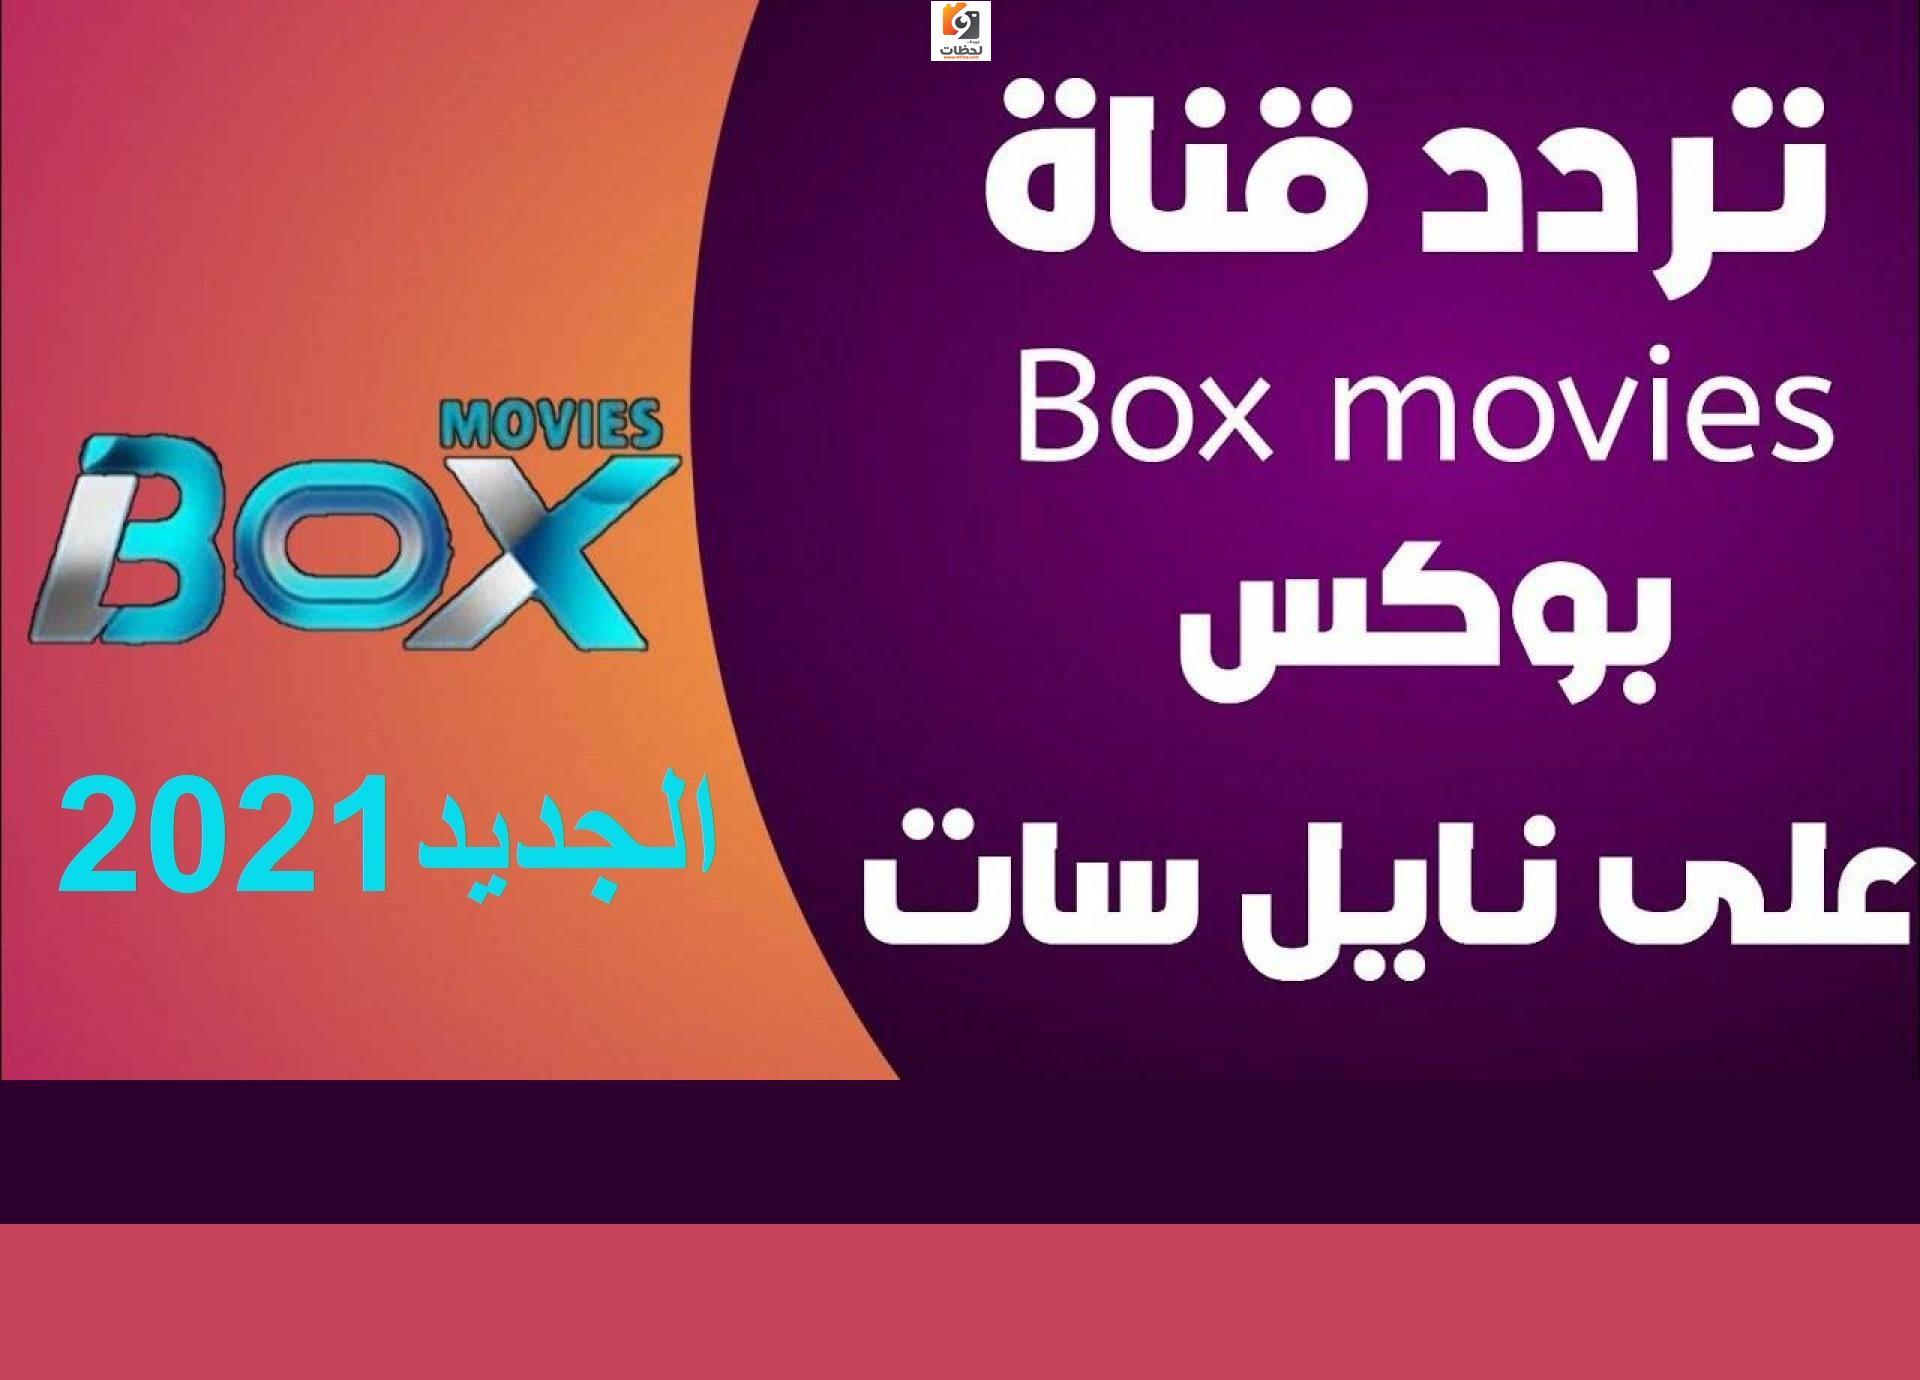 تردد قناة بوكس موفيز